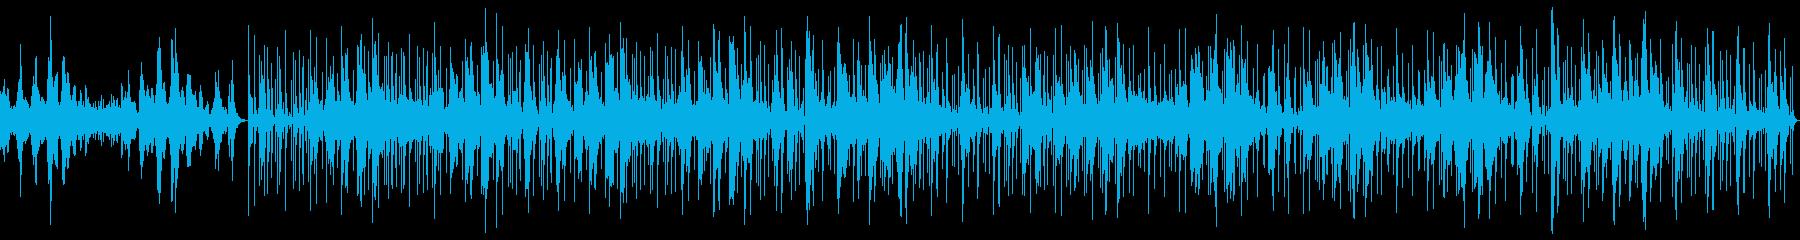 【ループ】優しく奏でるピアノBGMの再生済みの波形